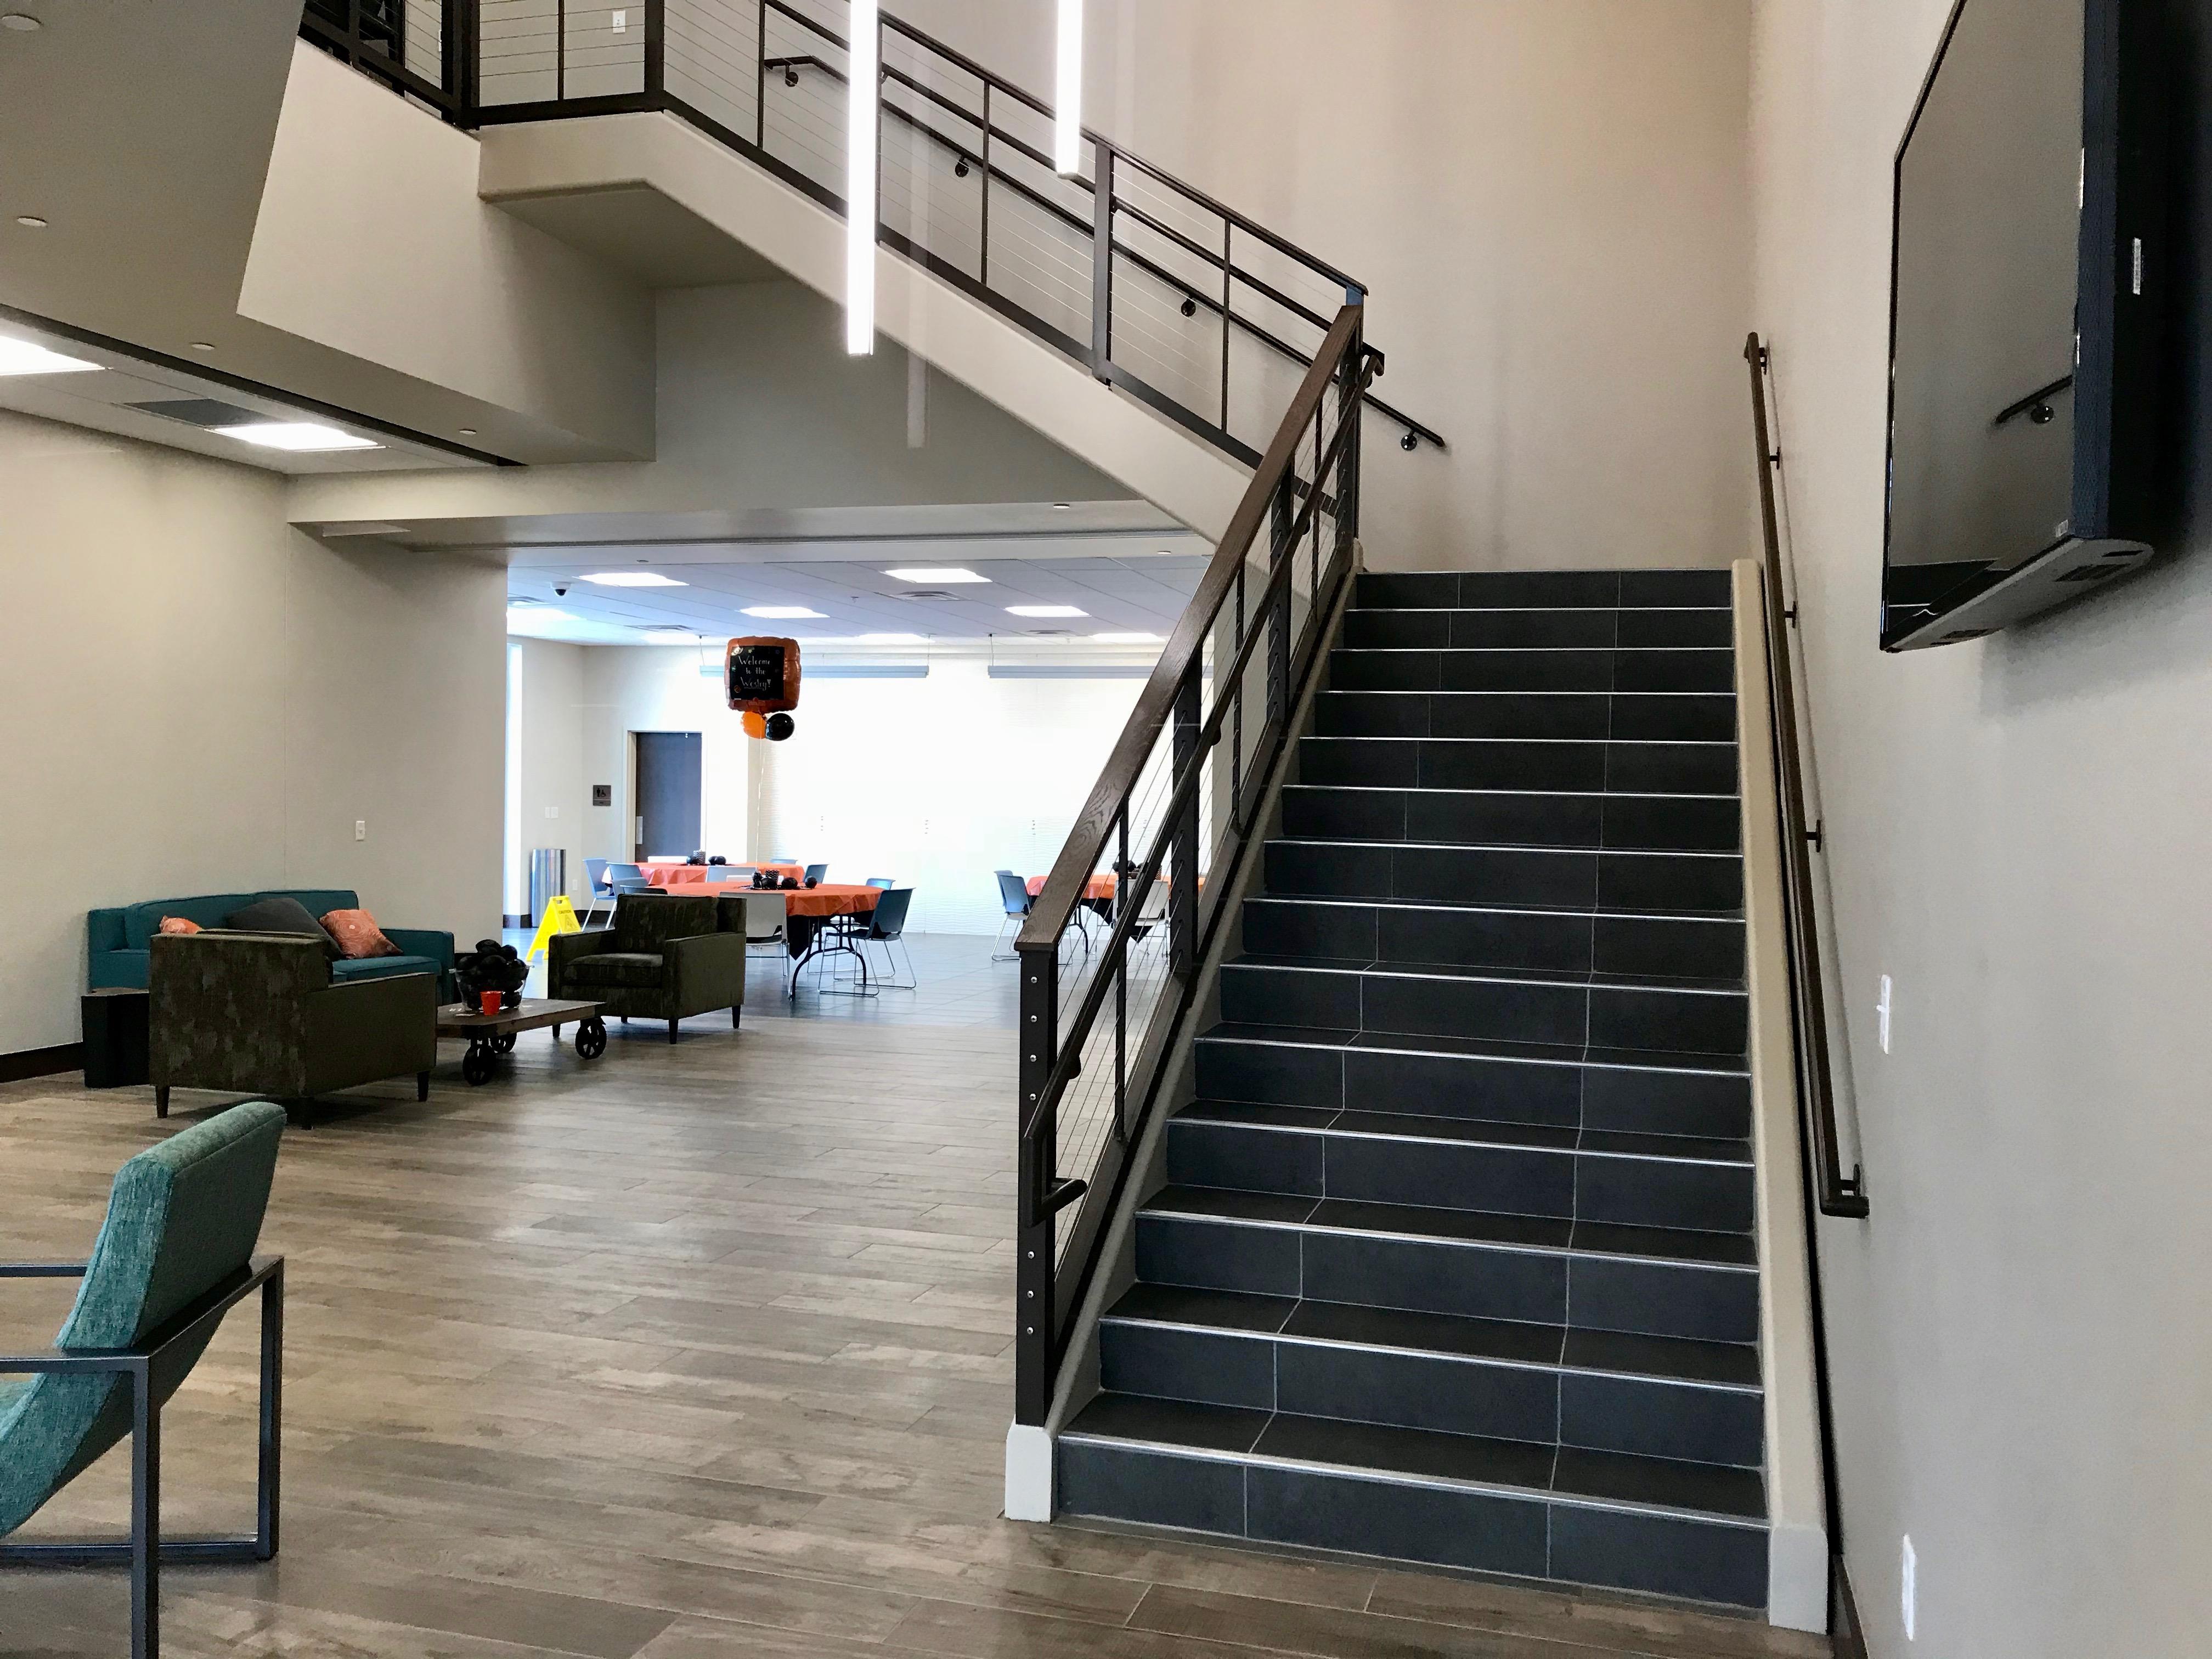 Main stairway